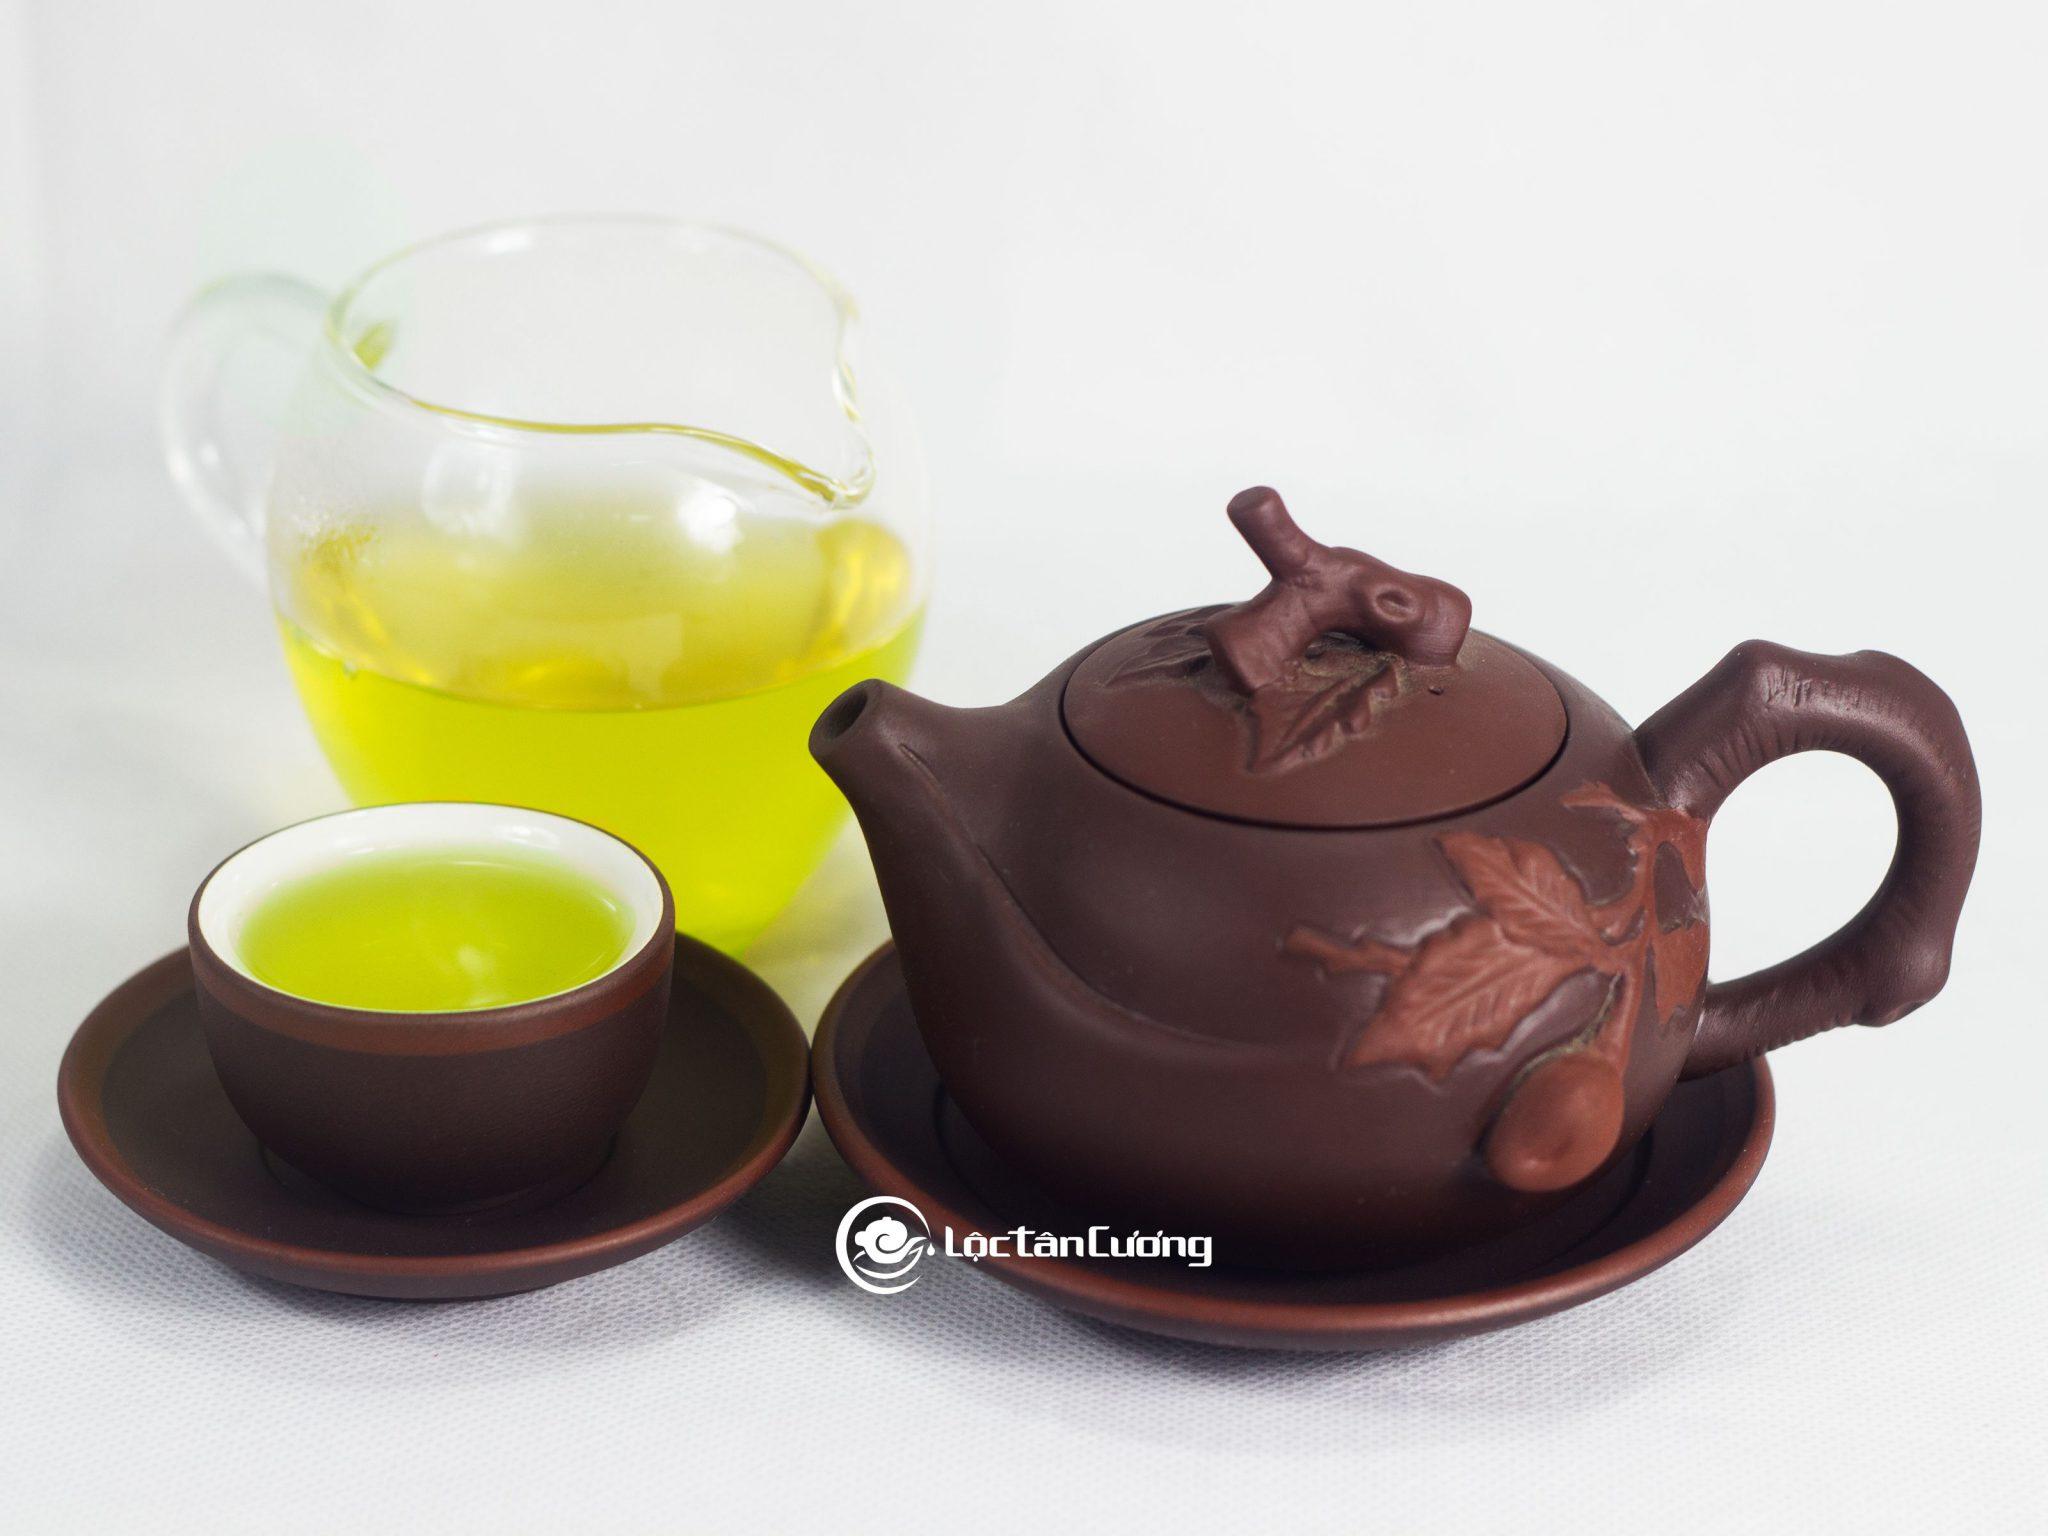 Màu sắc nước trà móc câu thái nguyên vàng xanh vô cùng đẹp